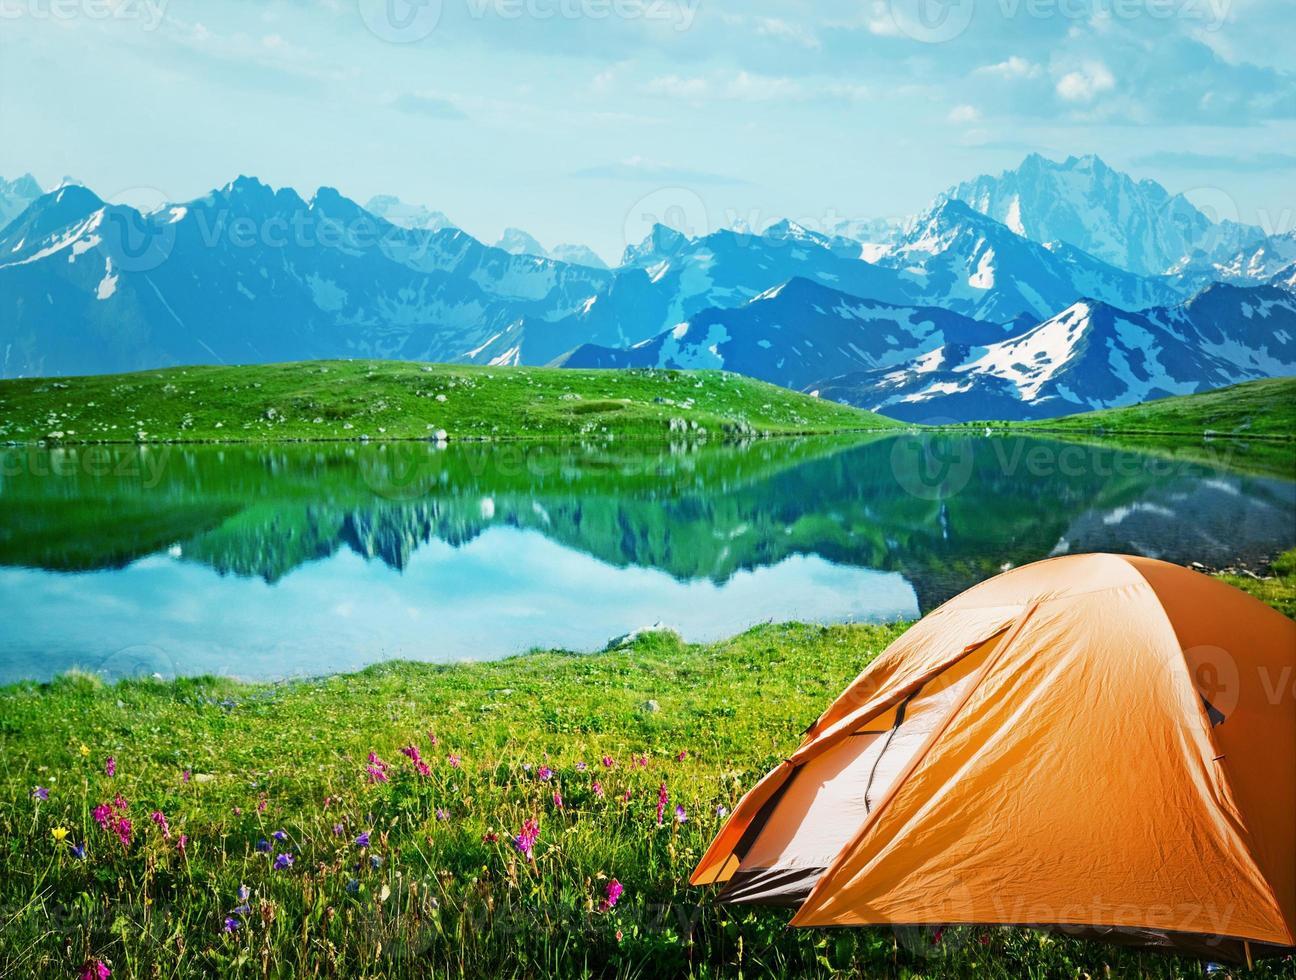 camping i bergen foto